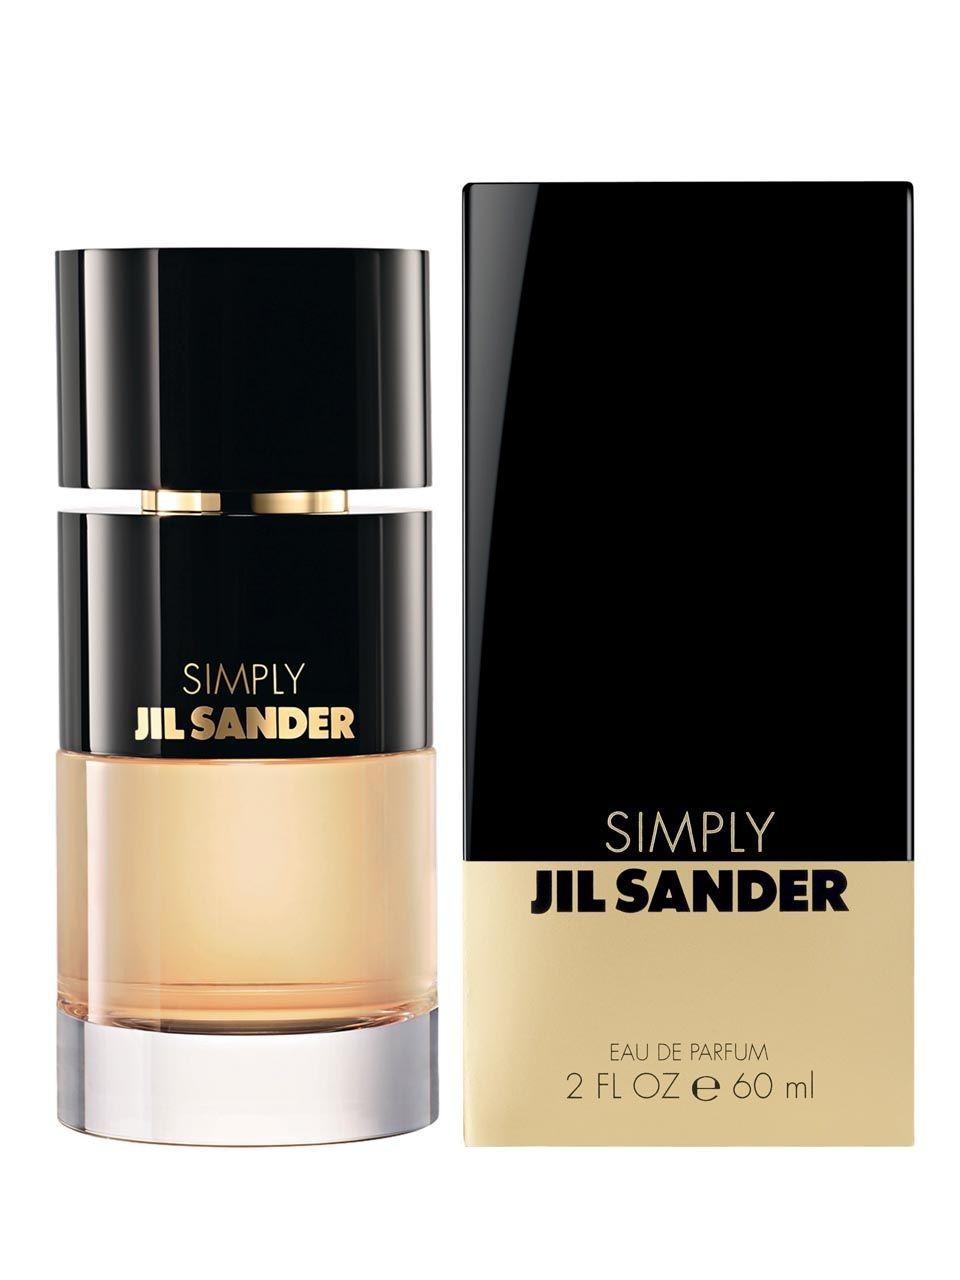 simply jil sander jil sander perfume a new fragrance for. Black Bedroom Furniture Sets. Home Design Ideas